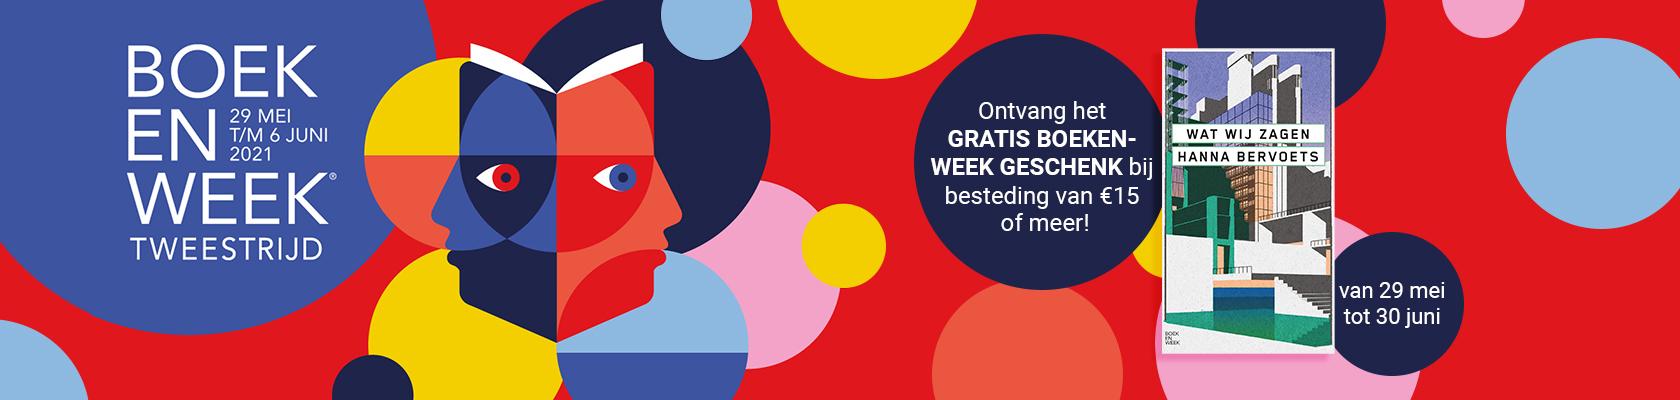 Boekenweek 2021 op ebook.nl!